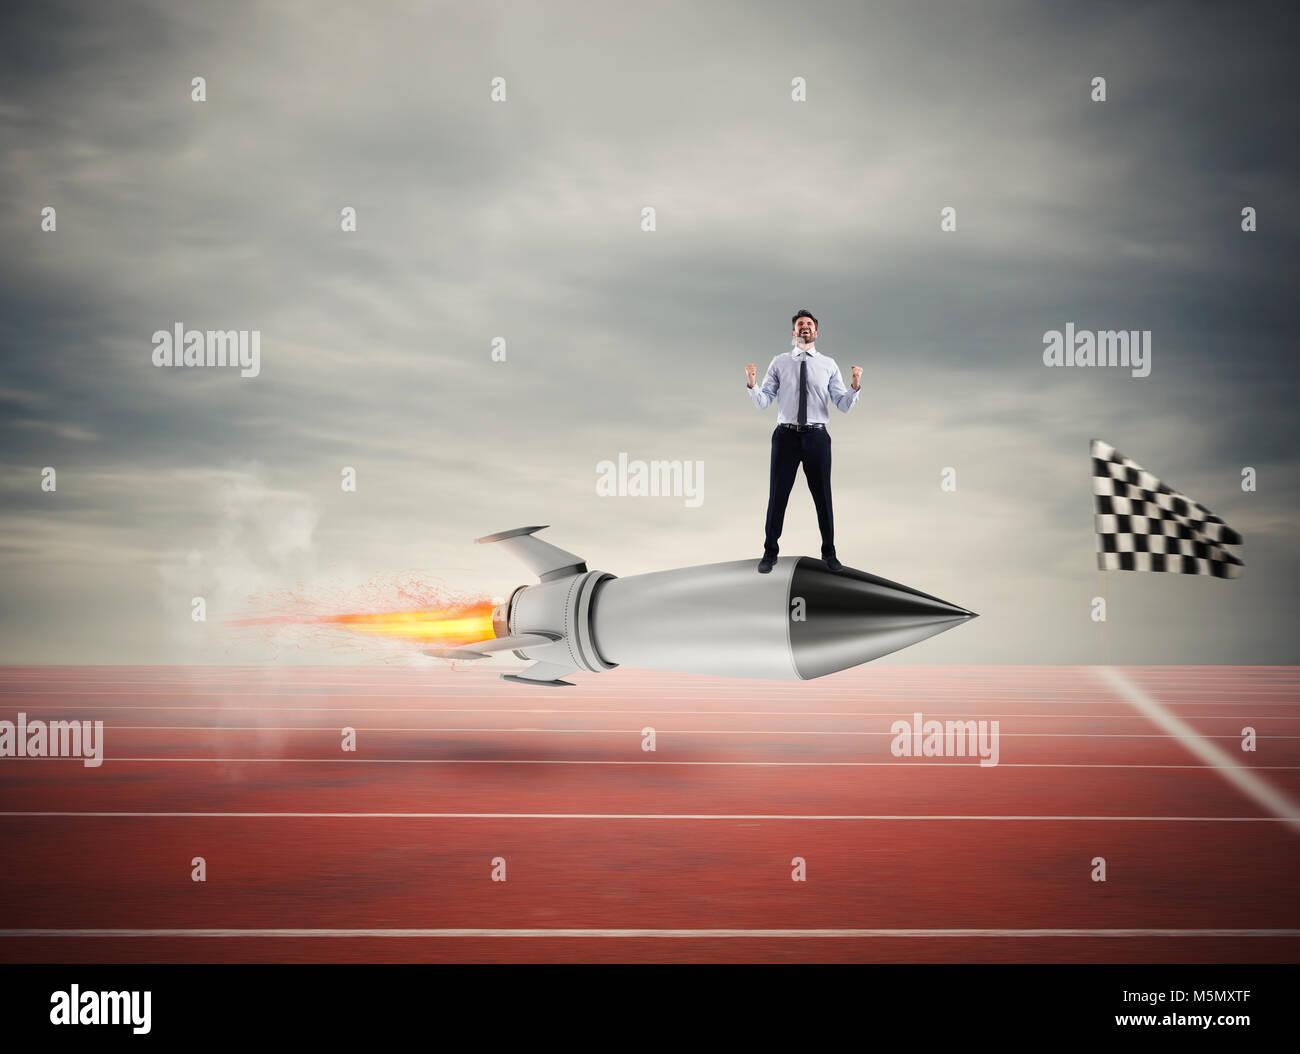 Imprenditore vincitore su un razzo veloce. Concetto di business la concorrenza Immagini Stock